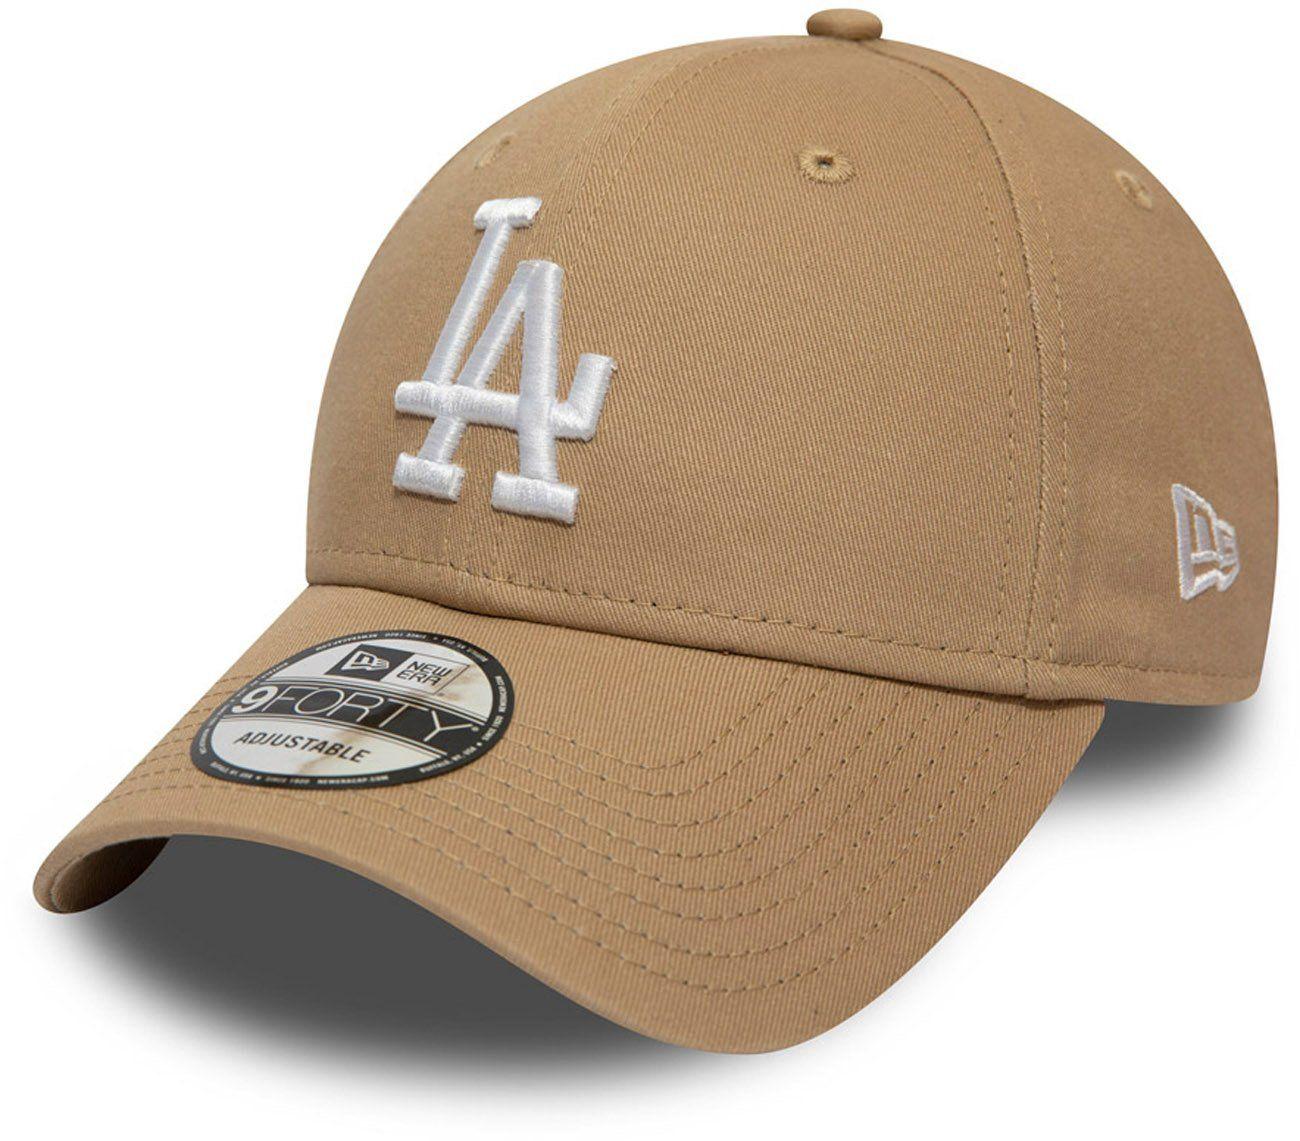 dfa47e42d5dd9c LA Dodgers New Era 940 League Essential Camel Baseball Cap – lovemycap